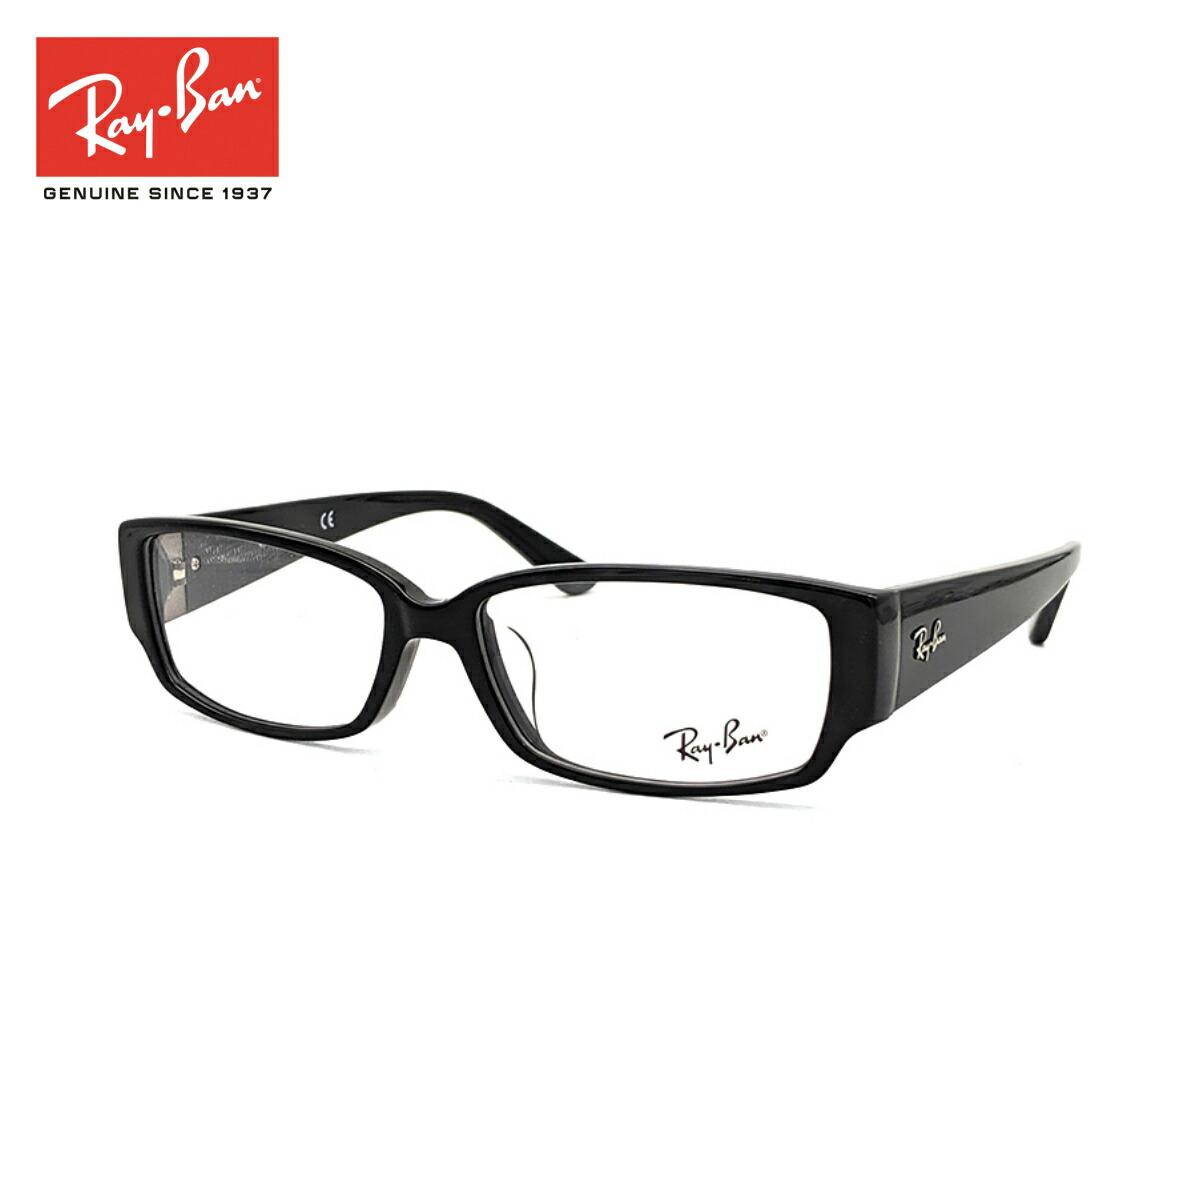 レイバン メガネ フレーム RayBan RX5250 (RB5250) 5114 眼鏡 めがね 度付き対応 送料無料 定番 人気 オススメ 黒縁 黒 スクエア シャープ ビジネス カジュアル メンズ レディース 男性 女性 父の日 プレゼント